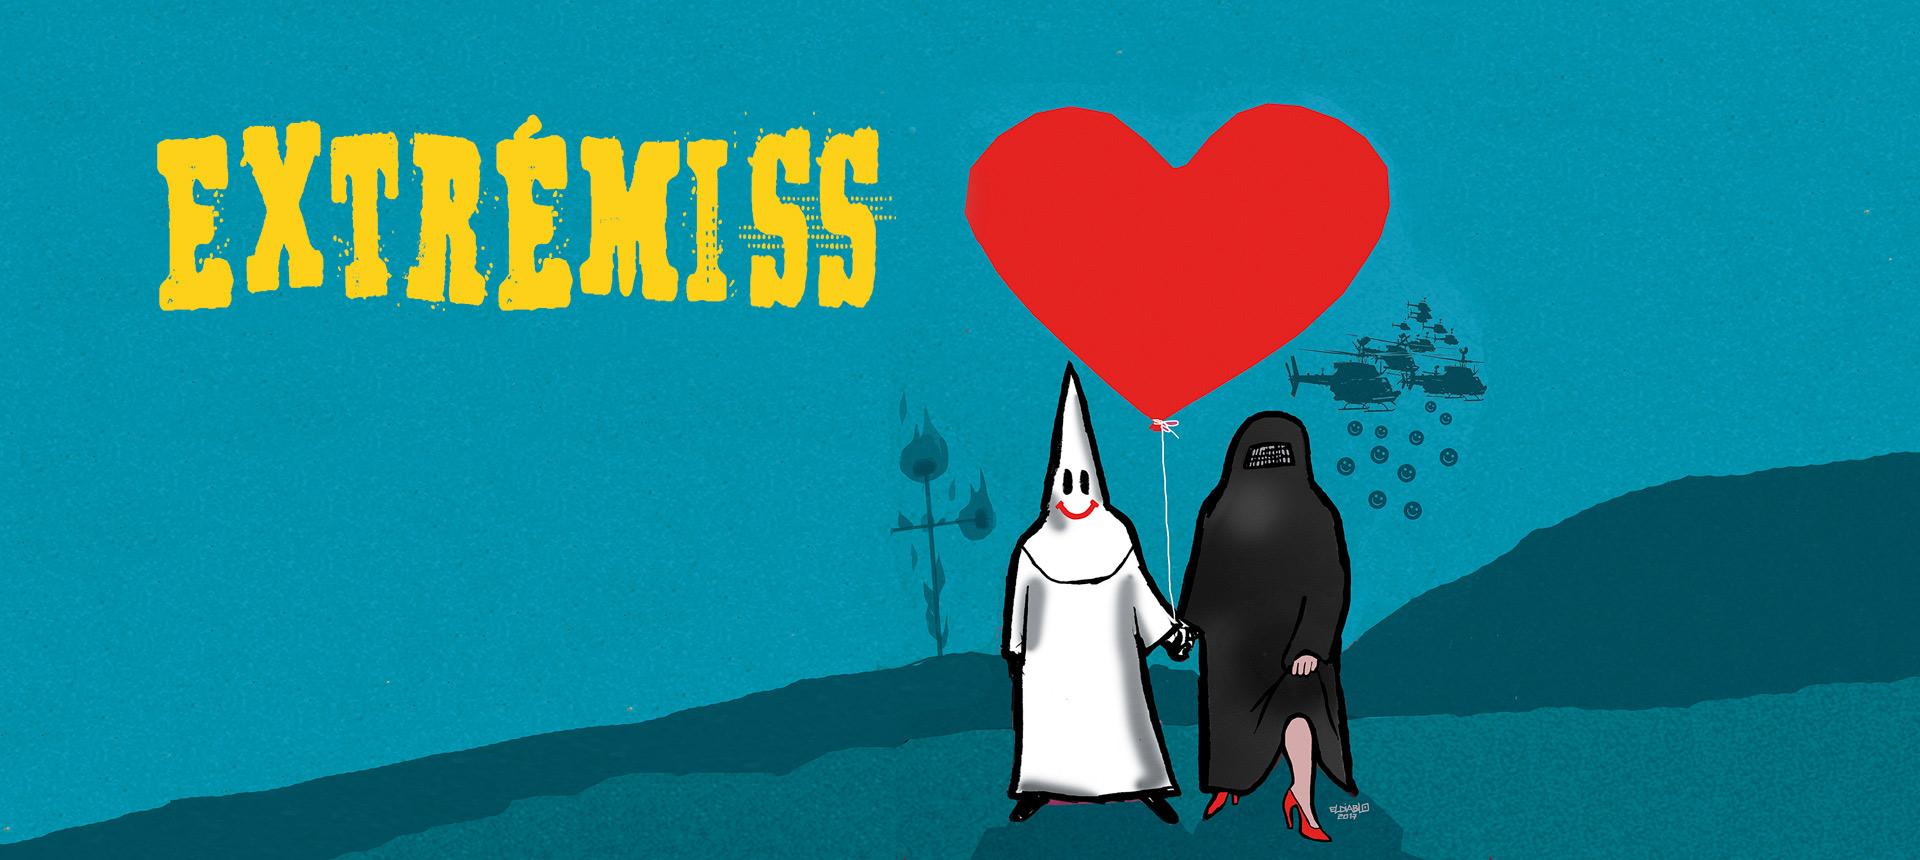 EXTREMISS_1920x860-2